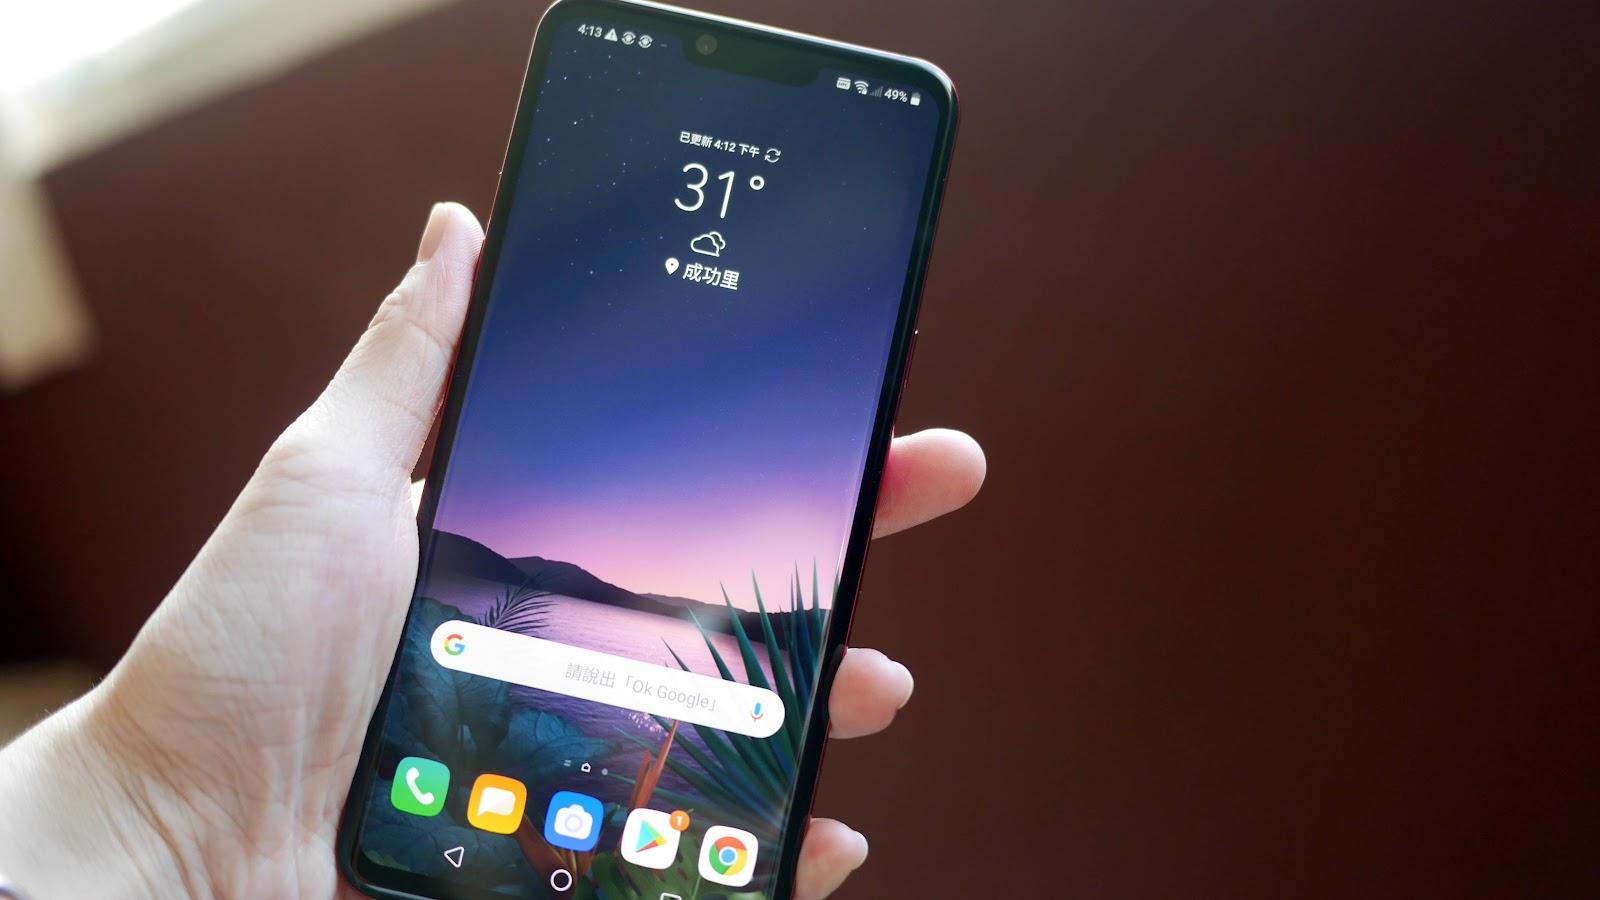 【開箱】韓國版 LG G8 ThinQ 開箱囉~注意!這不是7月上市的台灣版 G8S ThinQ喔!